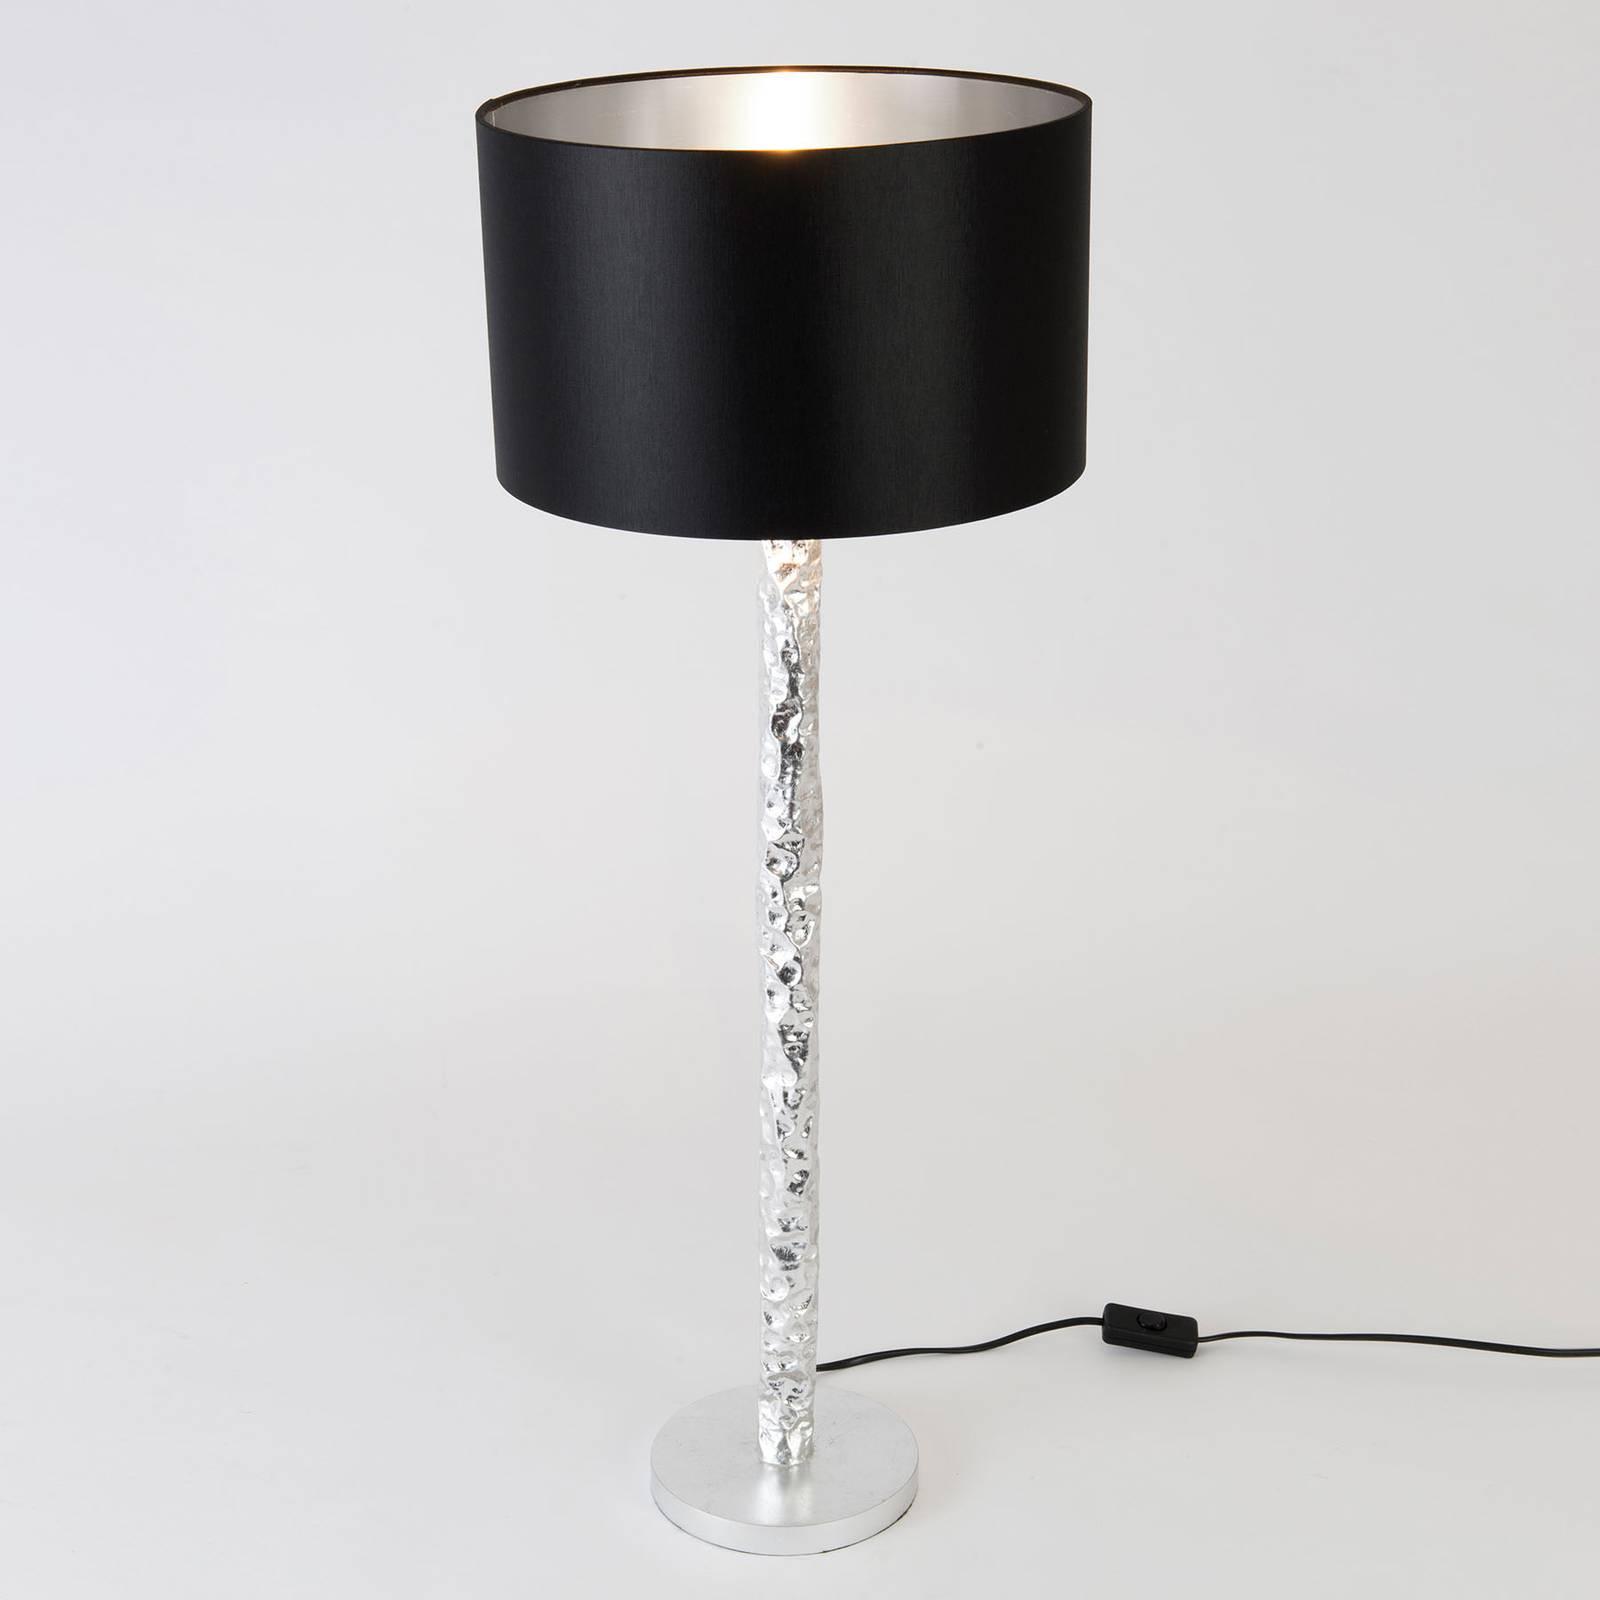 Pöytävalaisin Cancelliere Rotonda musta/hopea 79cm